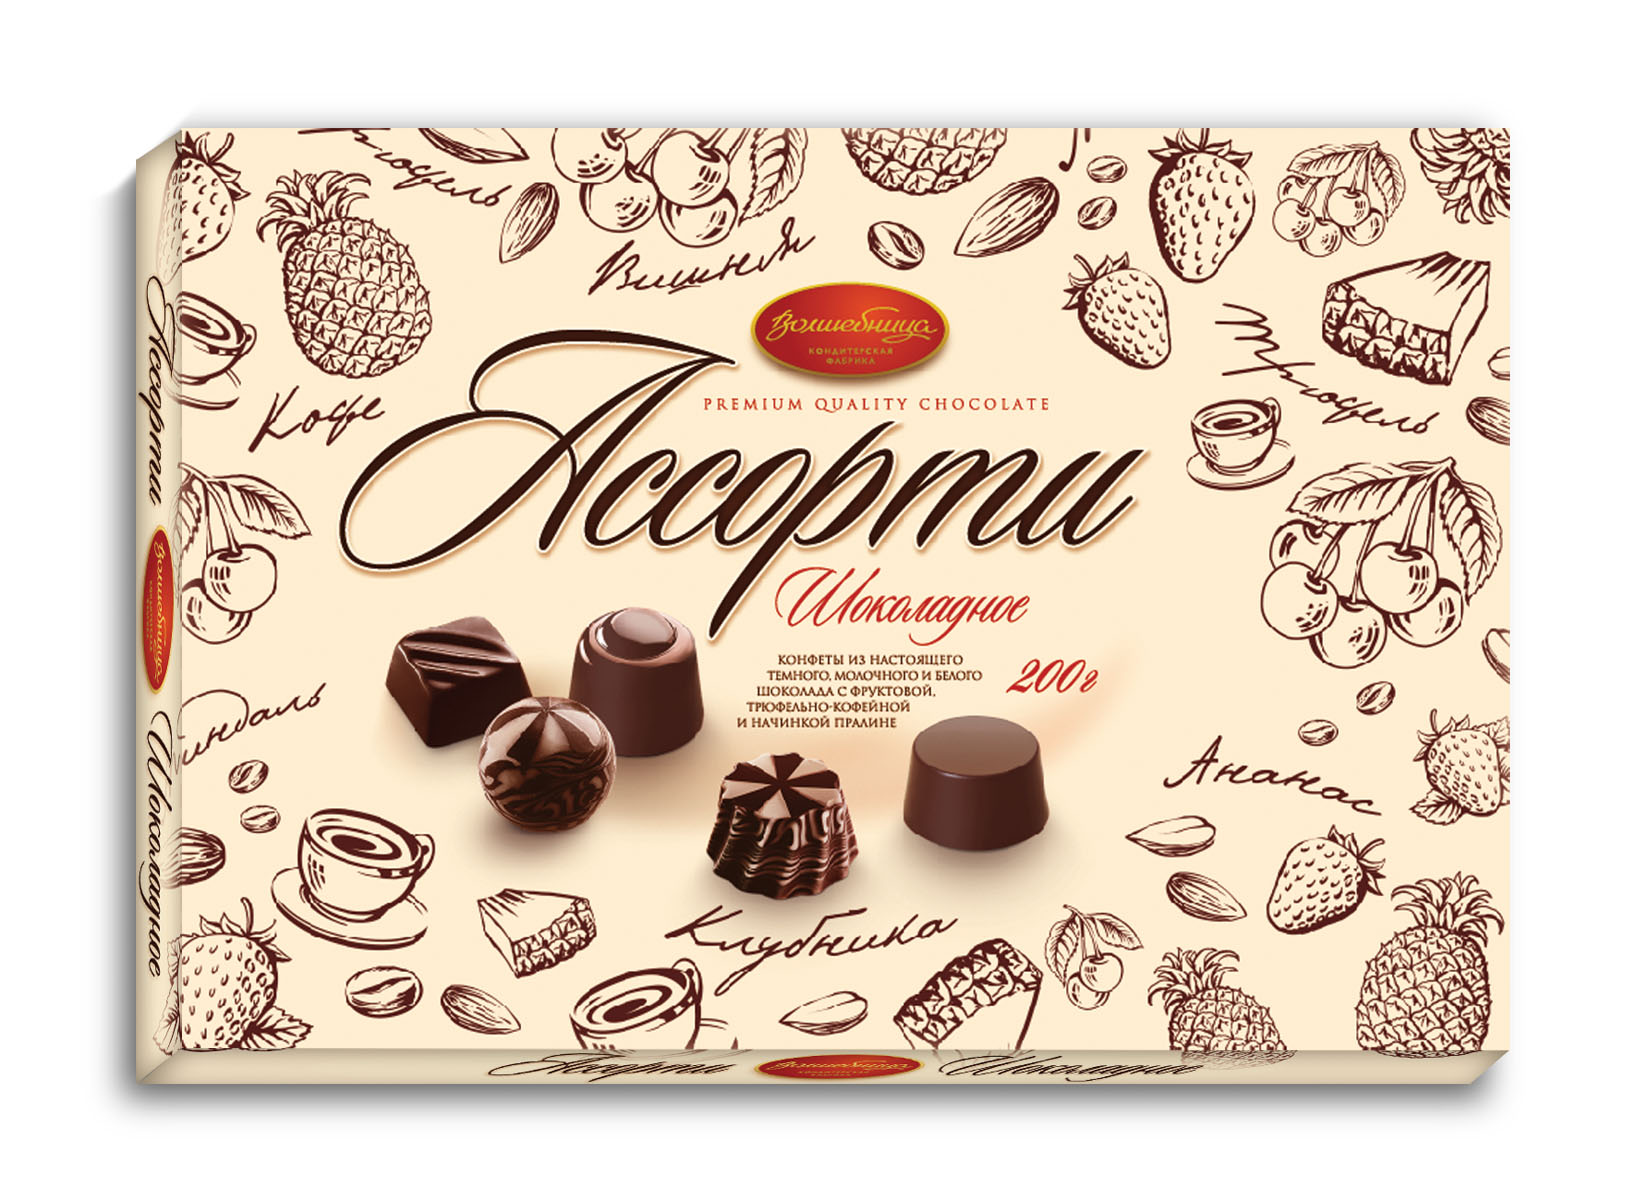 Волшебница конфеты шоколадное ассорти (белые), 200 г laima ассорти с ягодными начинками 210 г